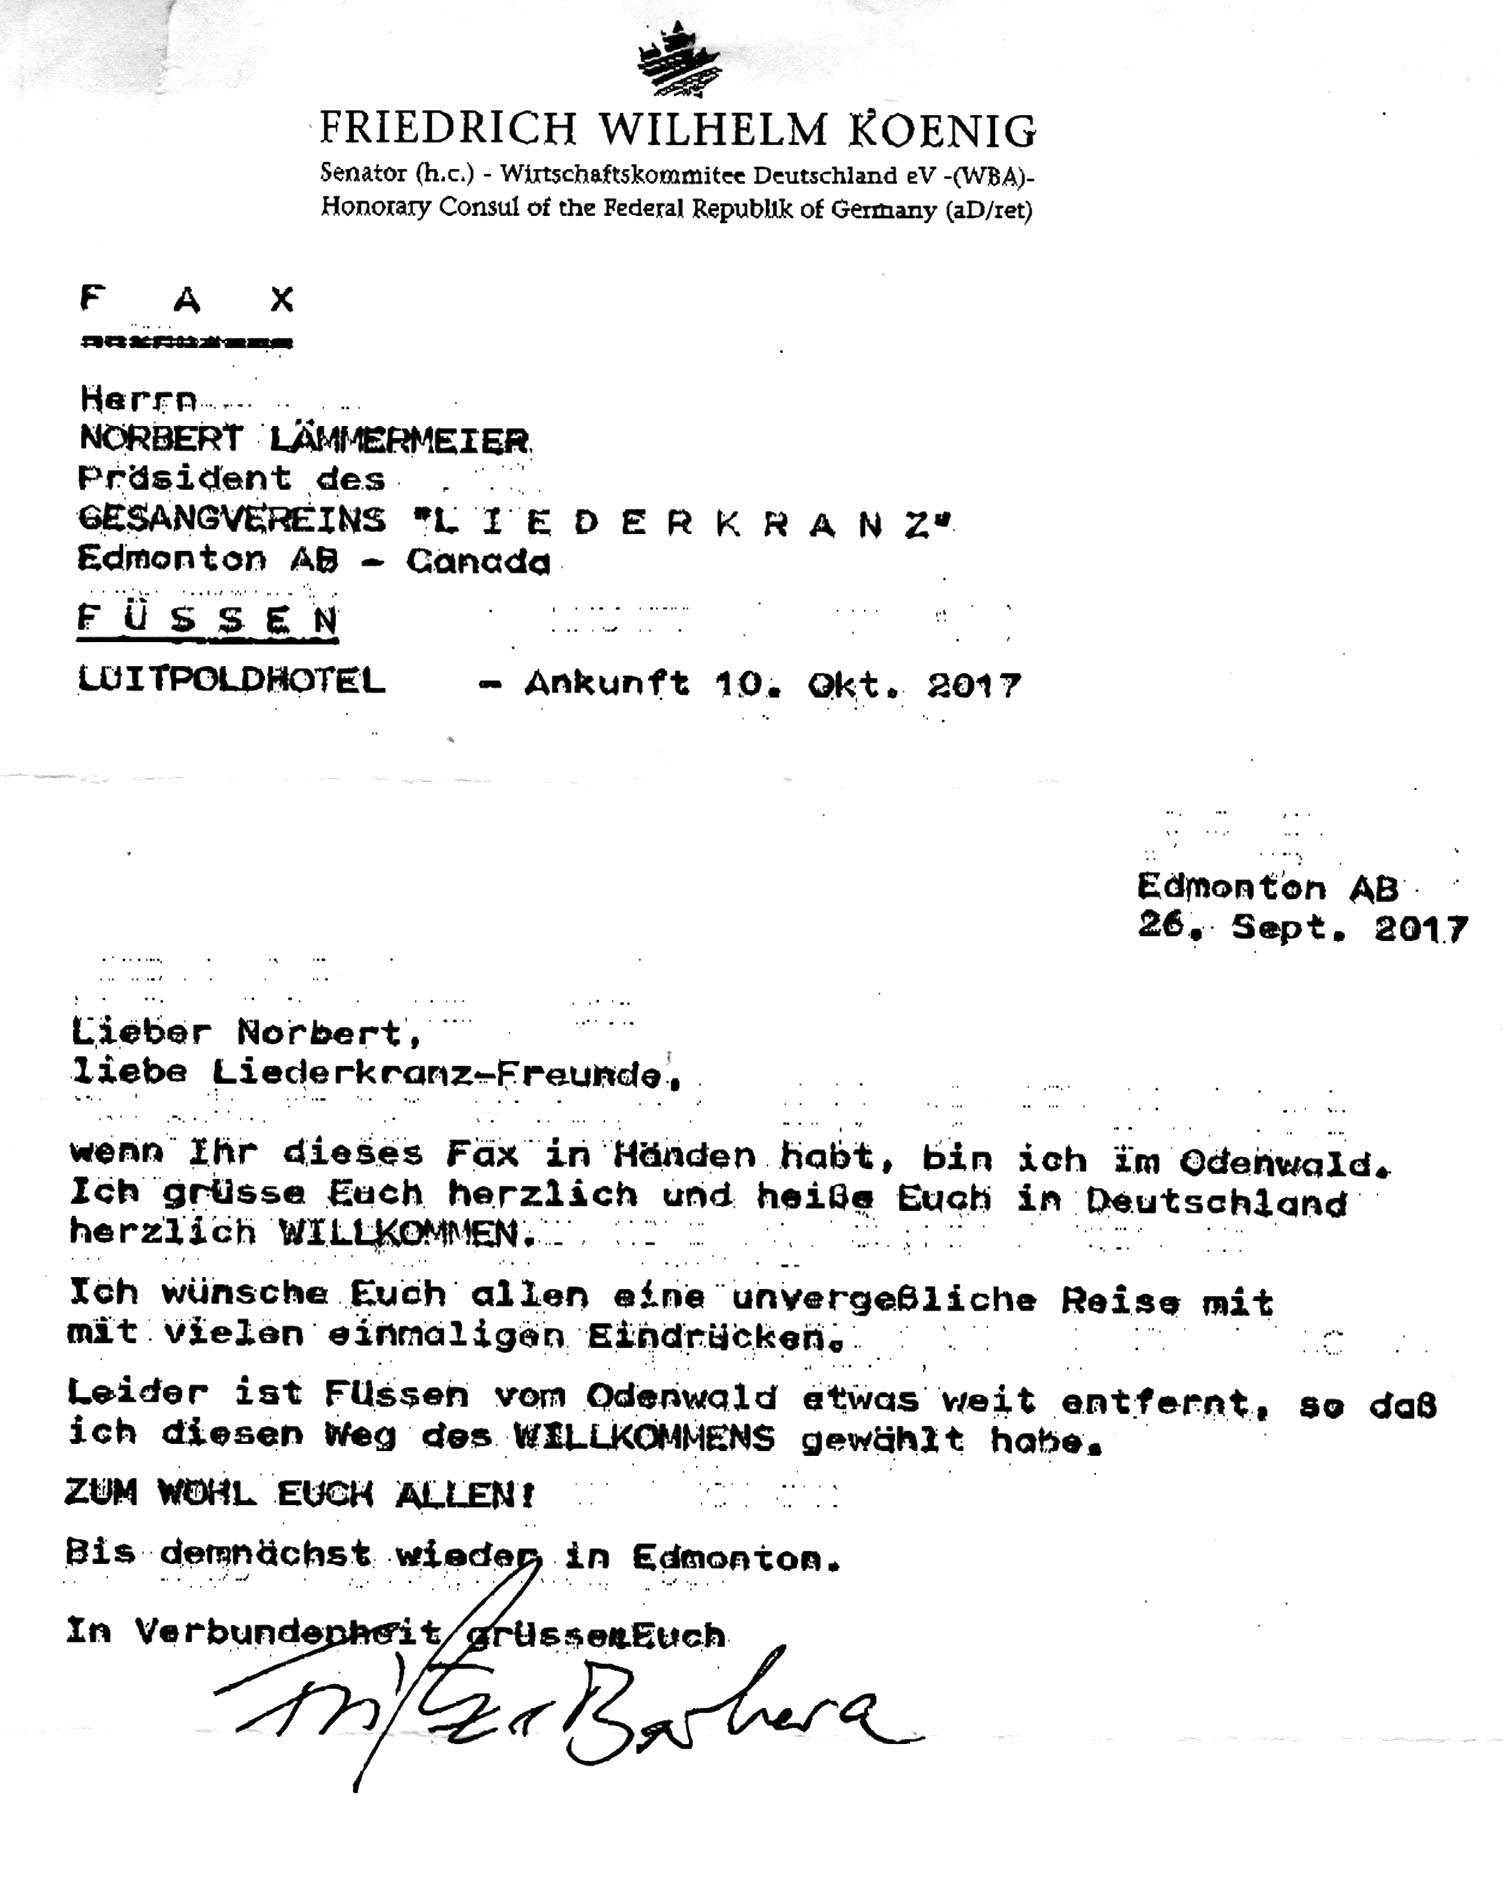 KOENIG letter.jpg